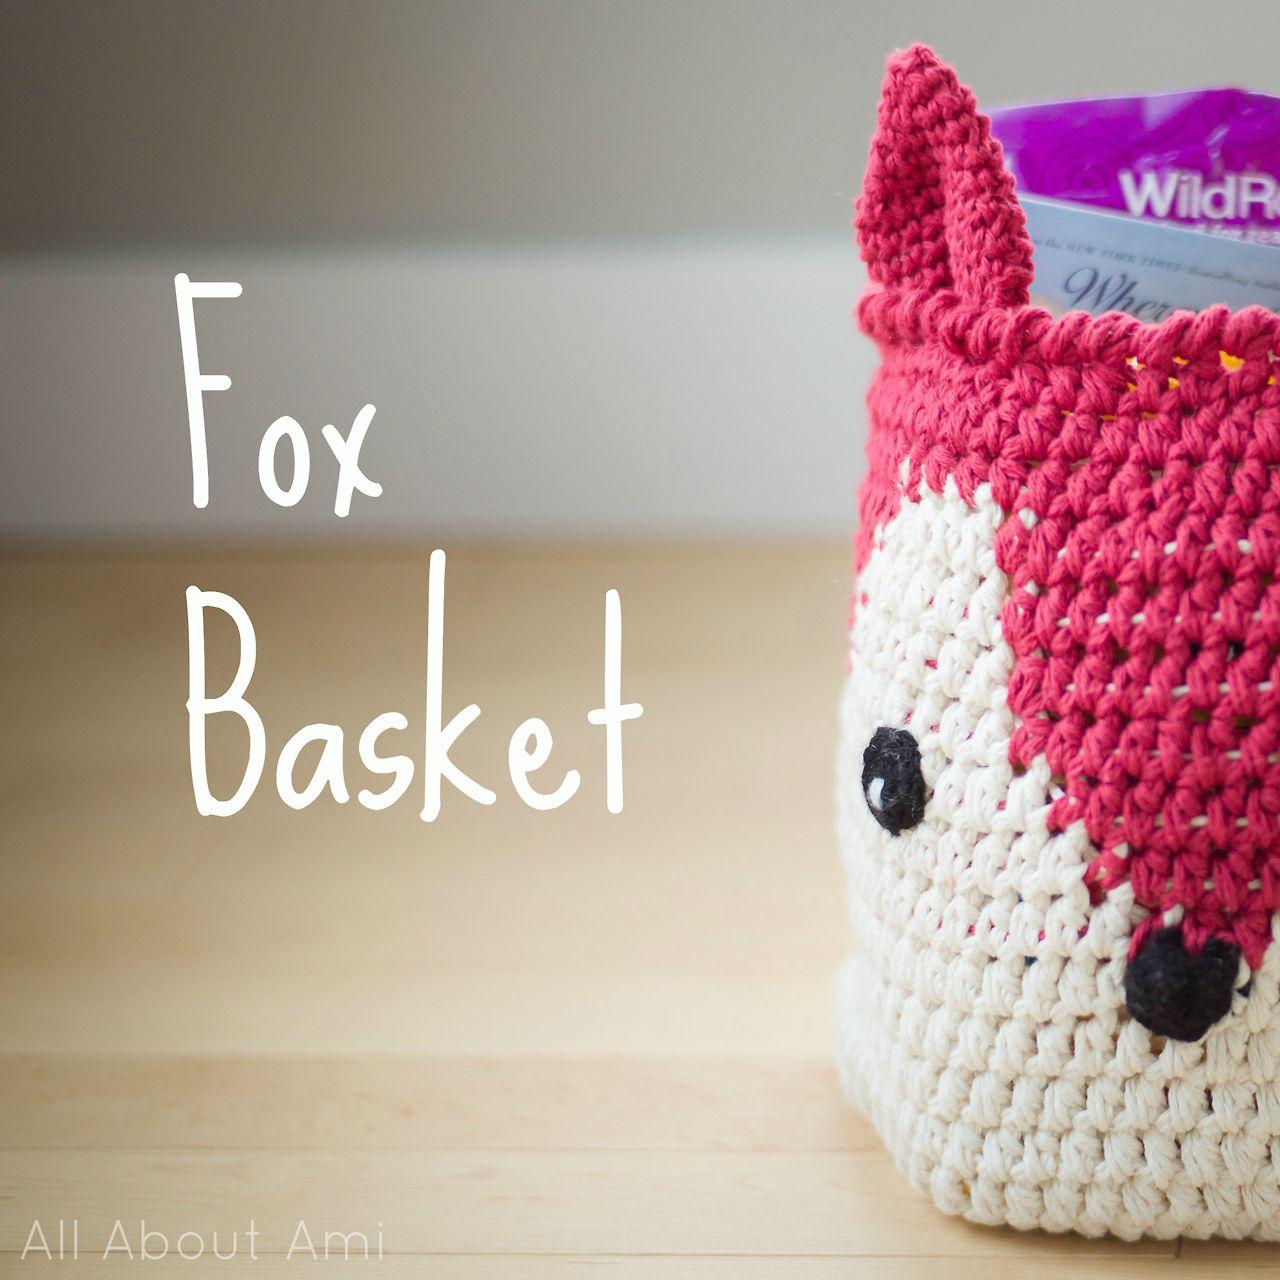 Sneak peek of upcoming step-by-step blog post: Fox Basket ...